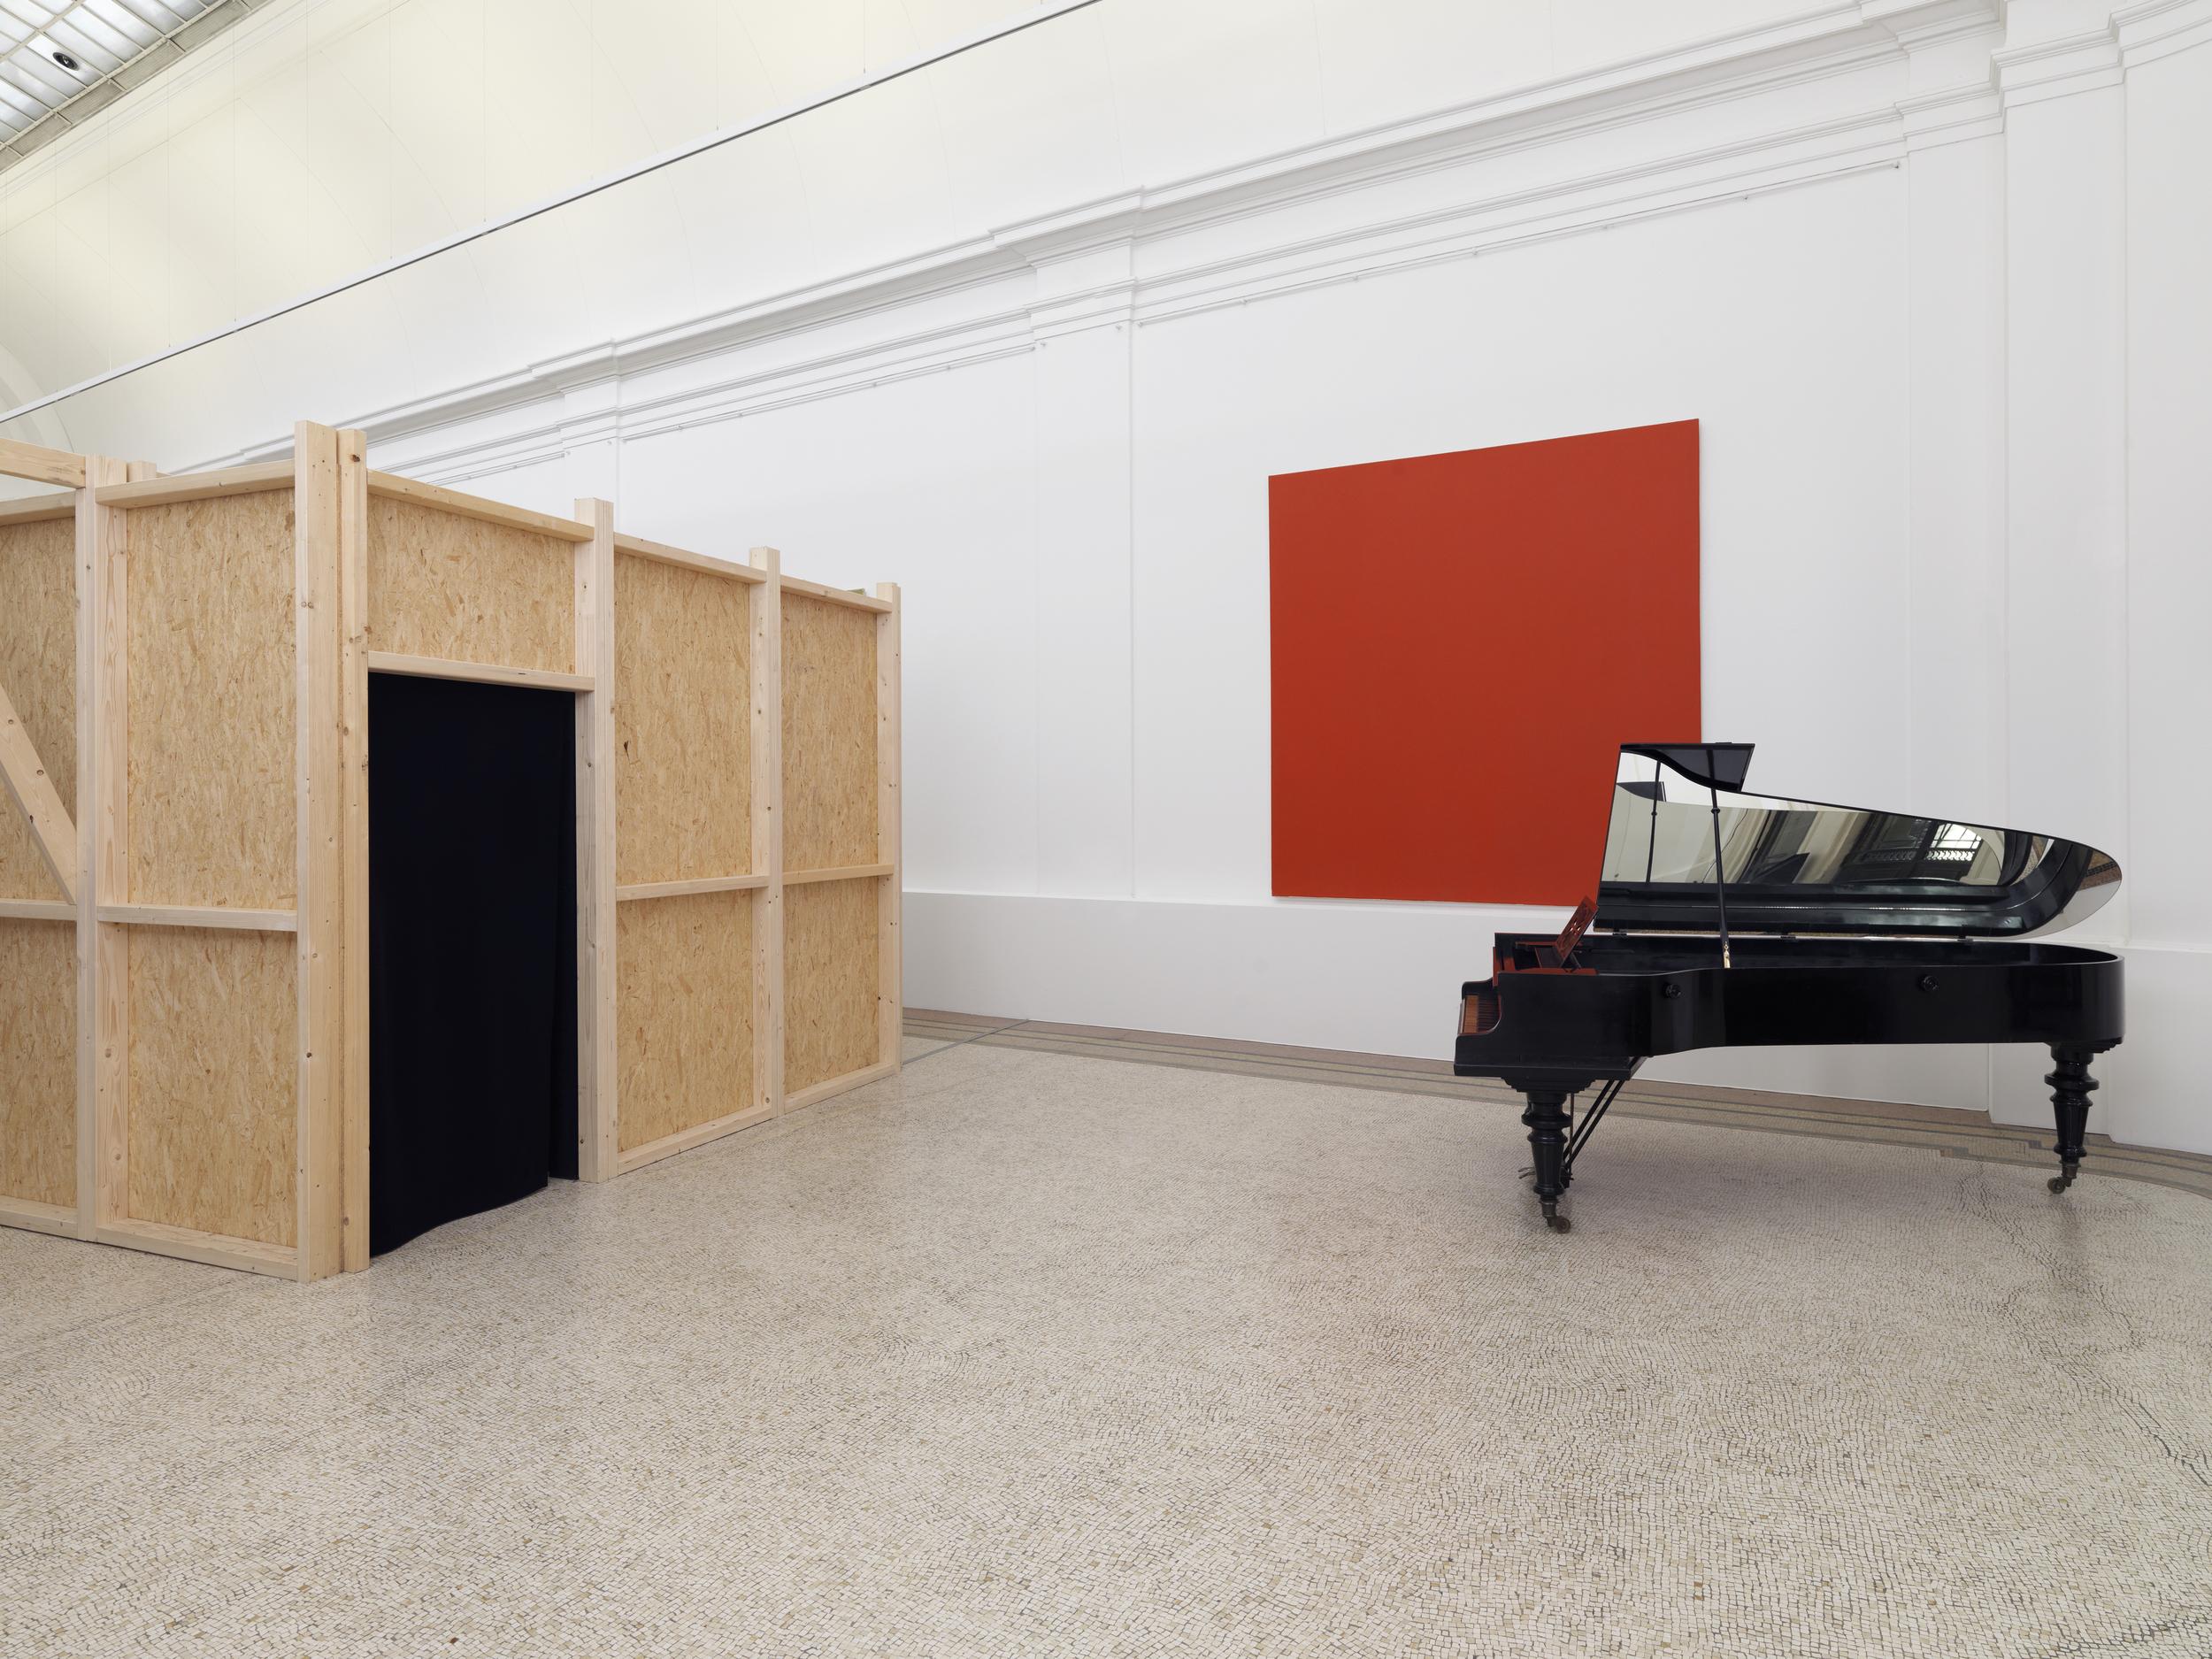 Musée d'art et d'histoire, Geneva | L'Œuvre d'art de l'avenir  | 2014